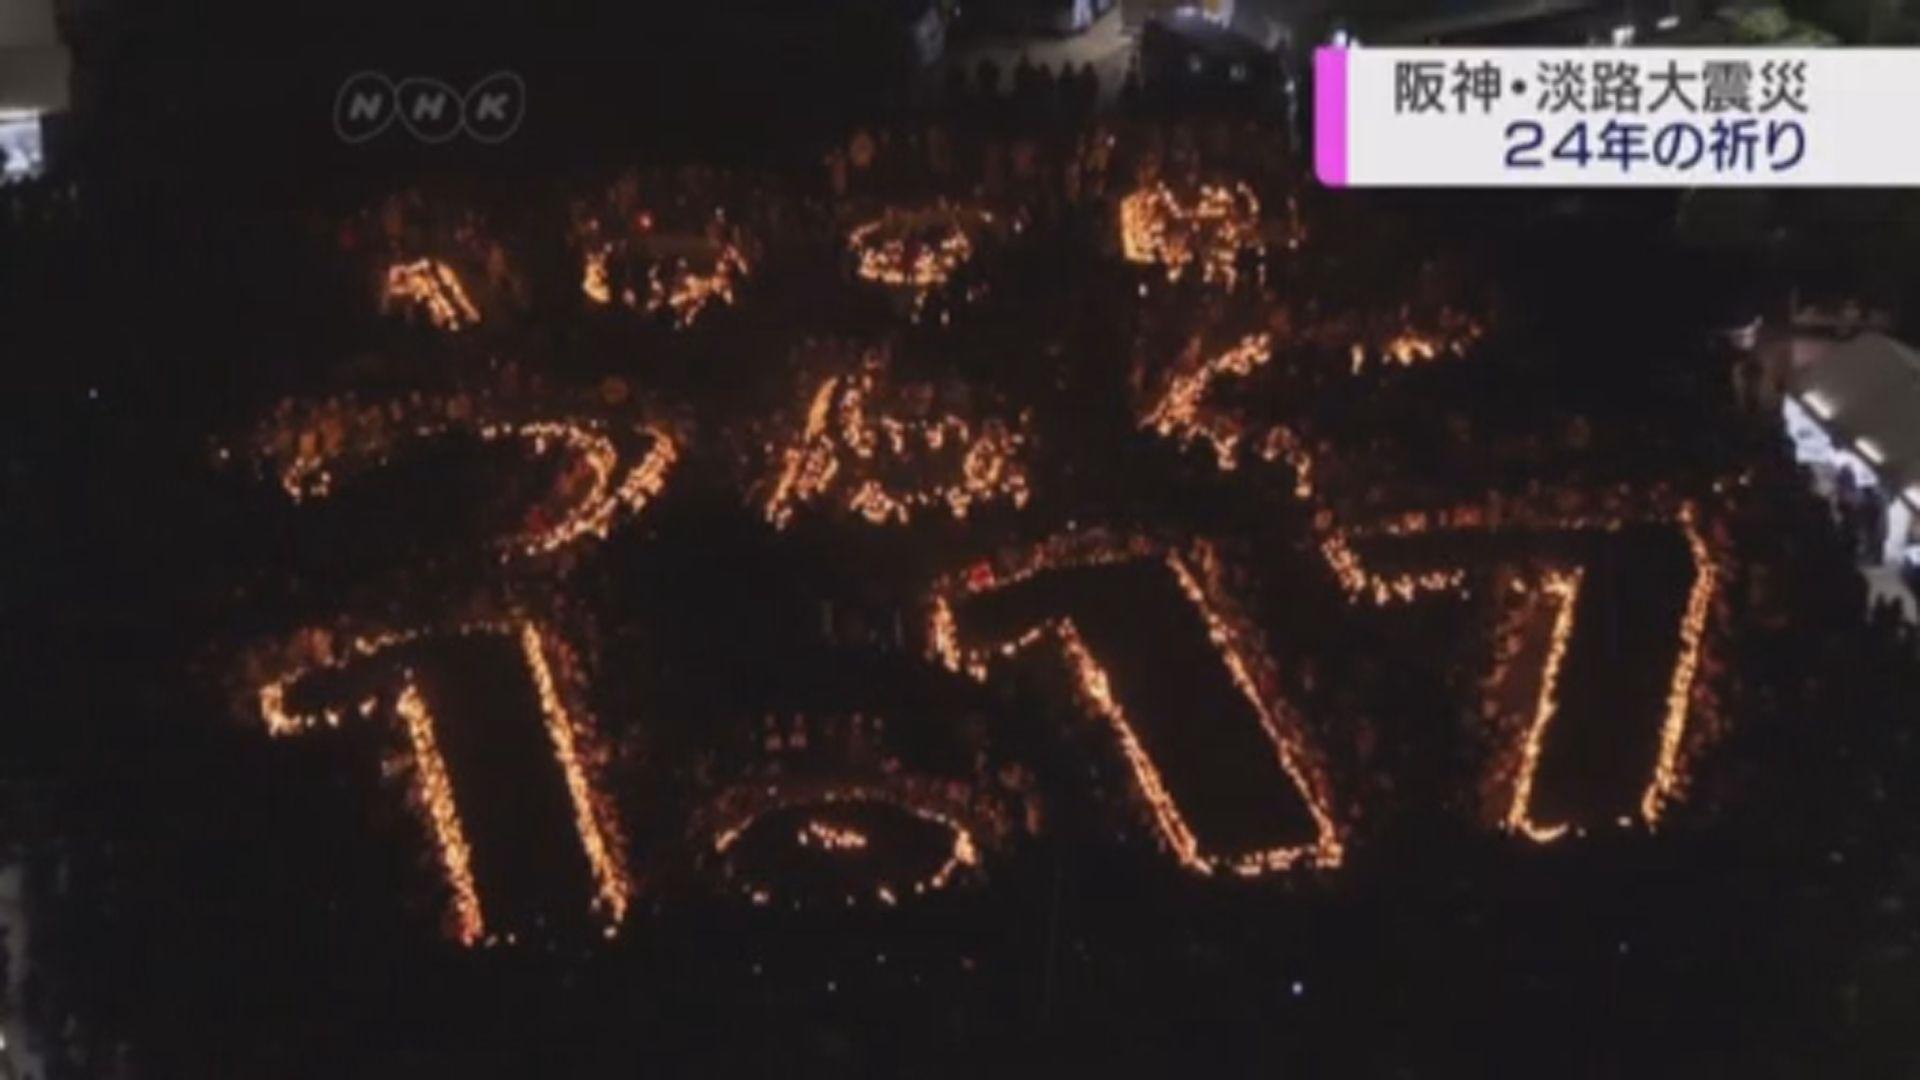 【環球薈報】阪神地震24周年 日本有悼念活動